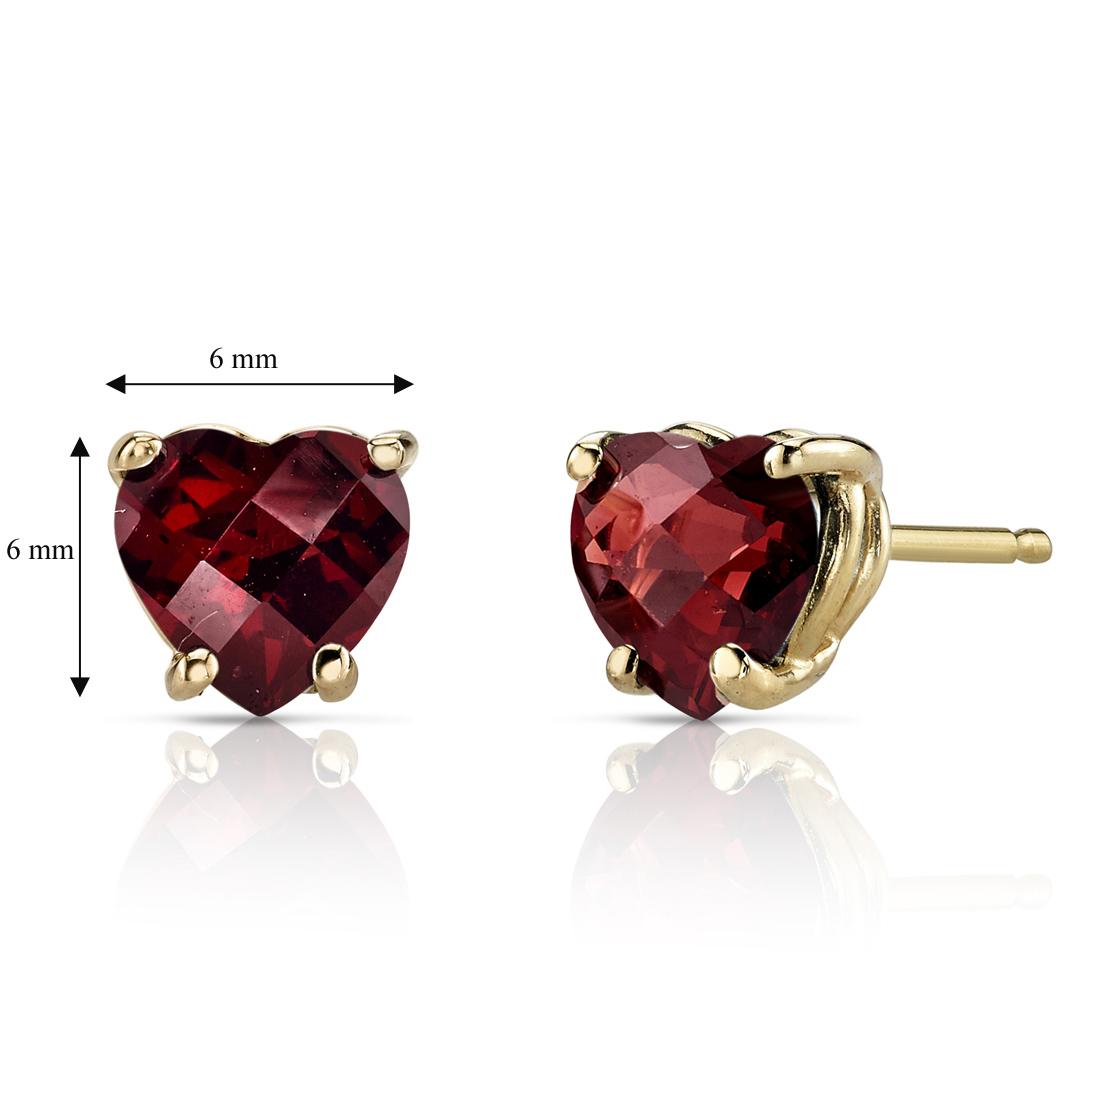 14K Yellow Gold 1.75 Carat Heart Shape Garnet Earrings